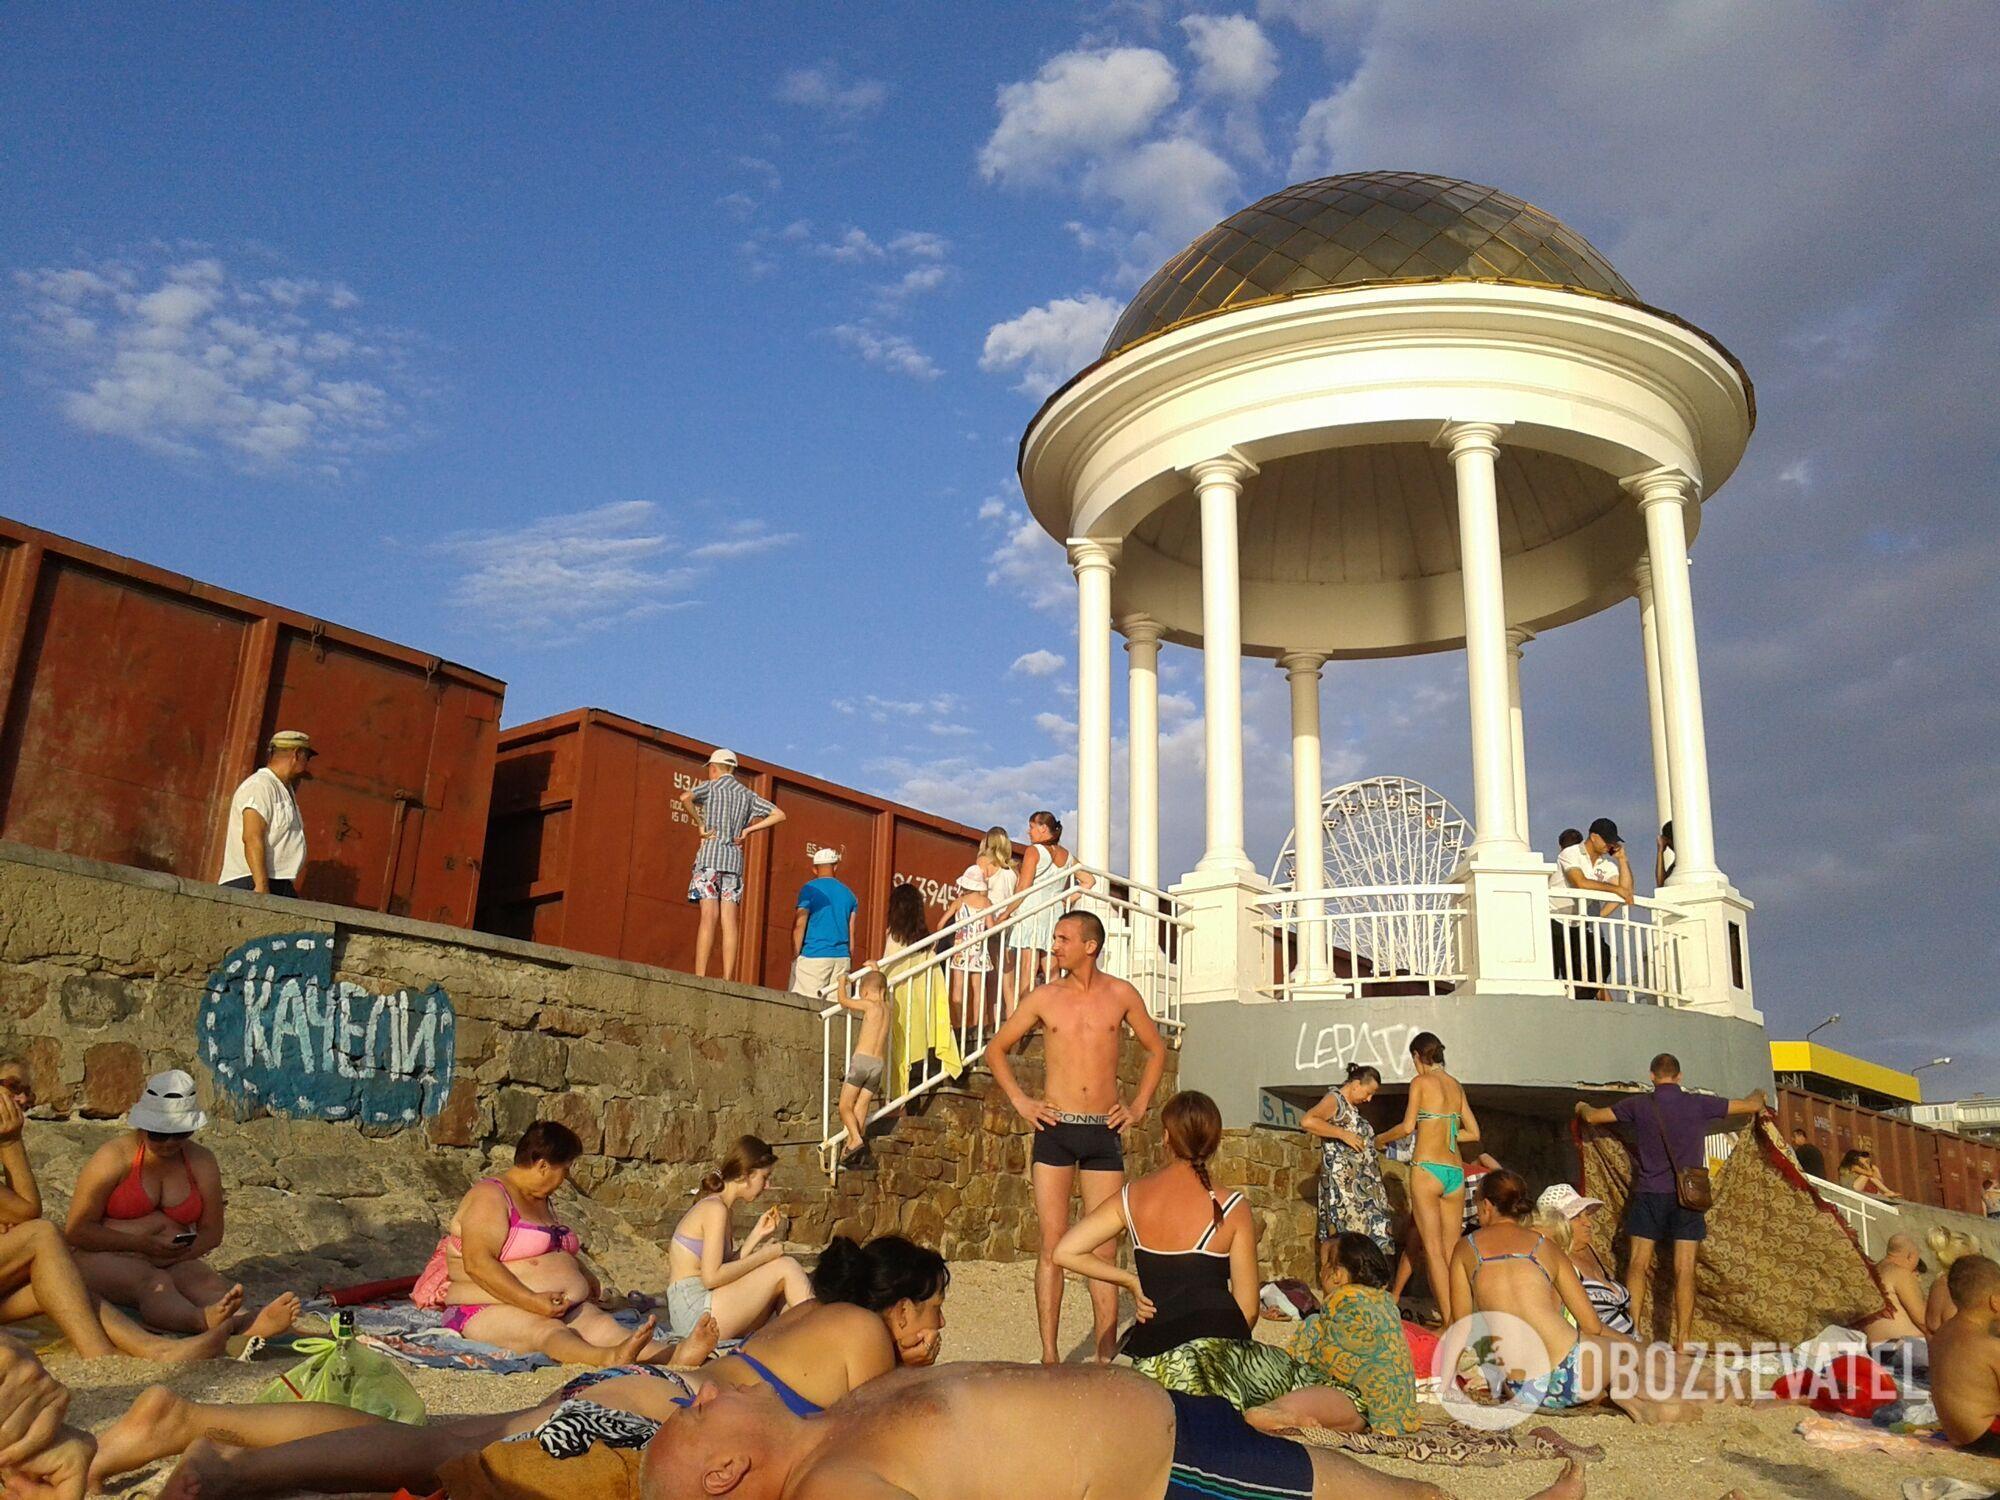 Бердянск – это город в Запорожской области, который расположен на восточном берегу Бердянского залива